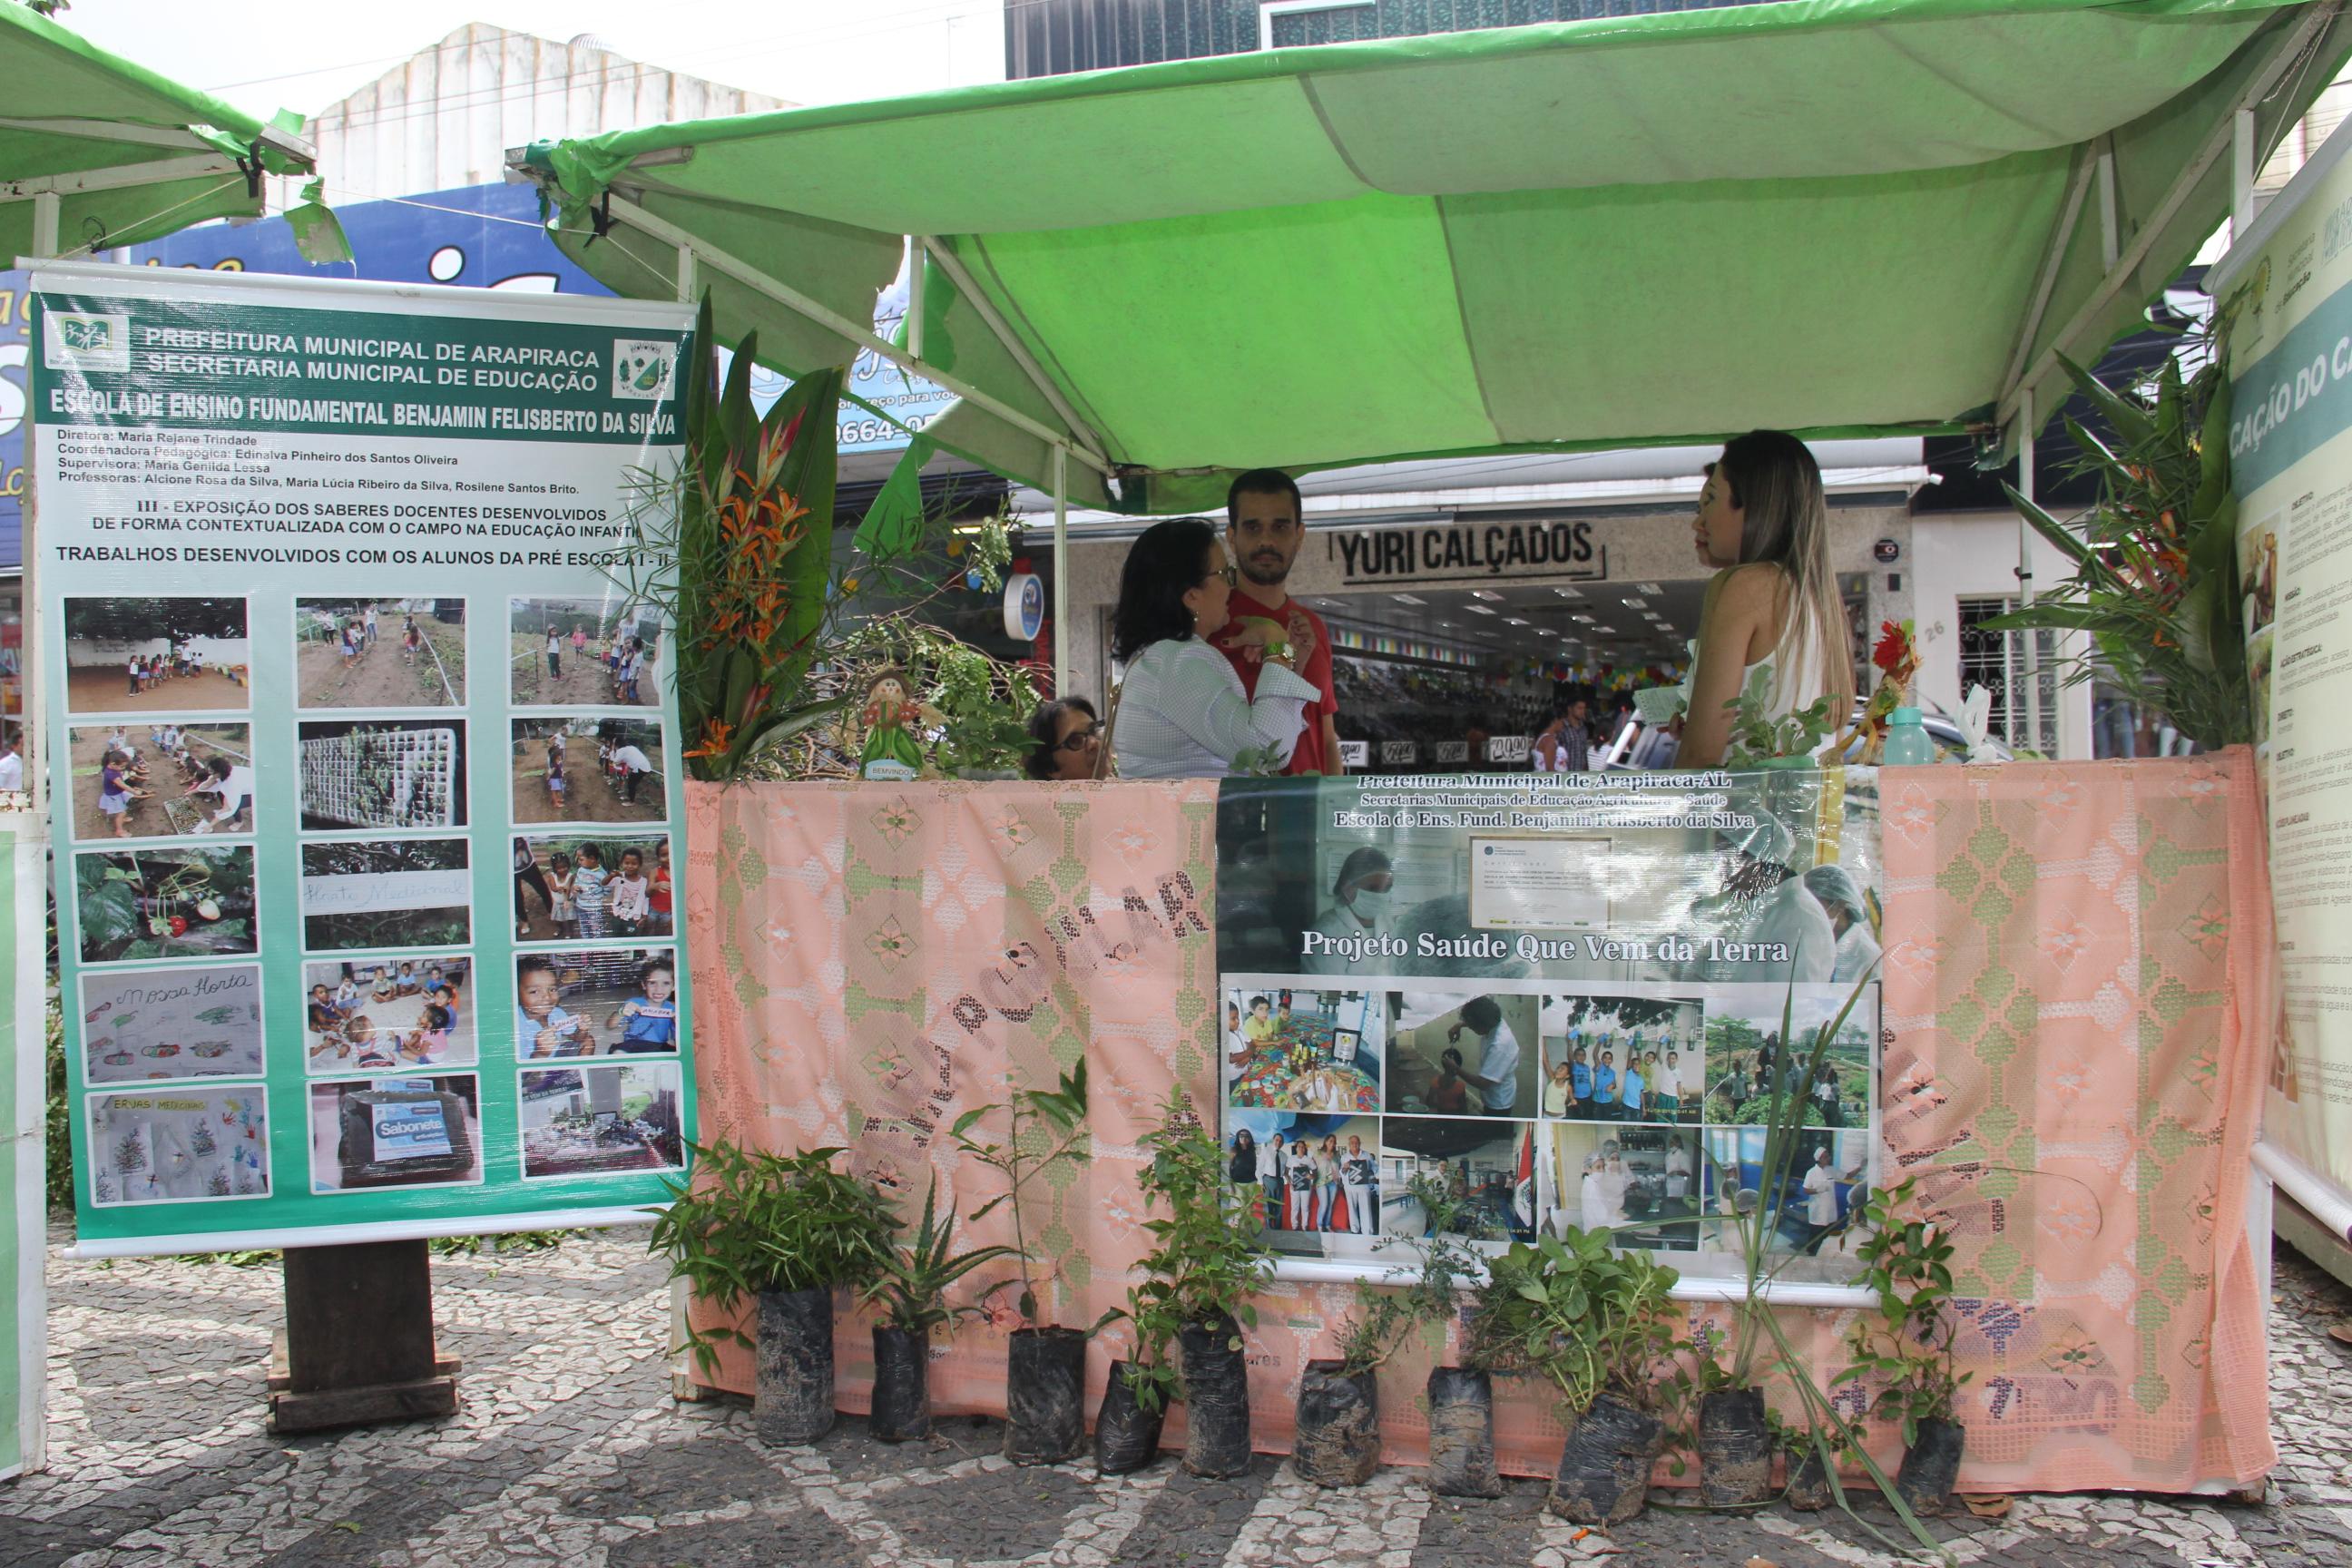 146443ee4 ... ao Dia Mundial do Meio Ambiente, Arapiraca receberá o Museu Itinerante  Casa do Velho Chico, no Ginásio Papa João Paulo II, no Bosque das  Arapiracas.